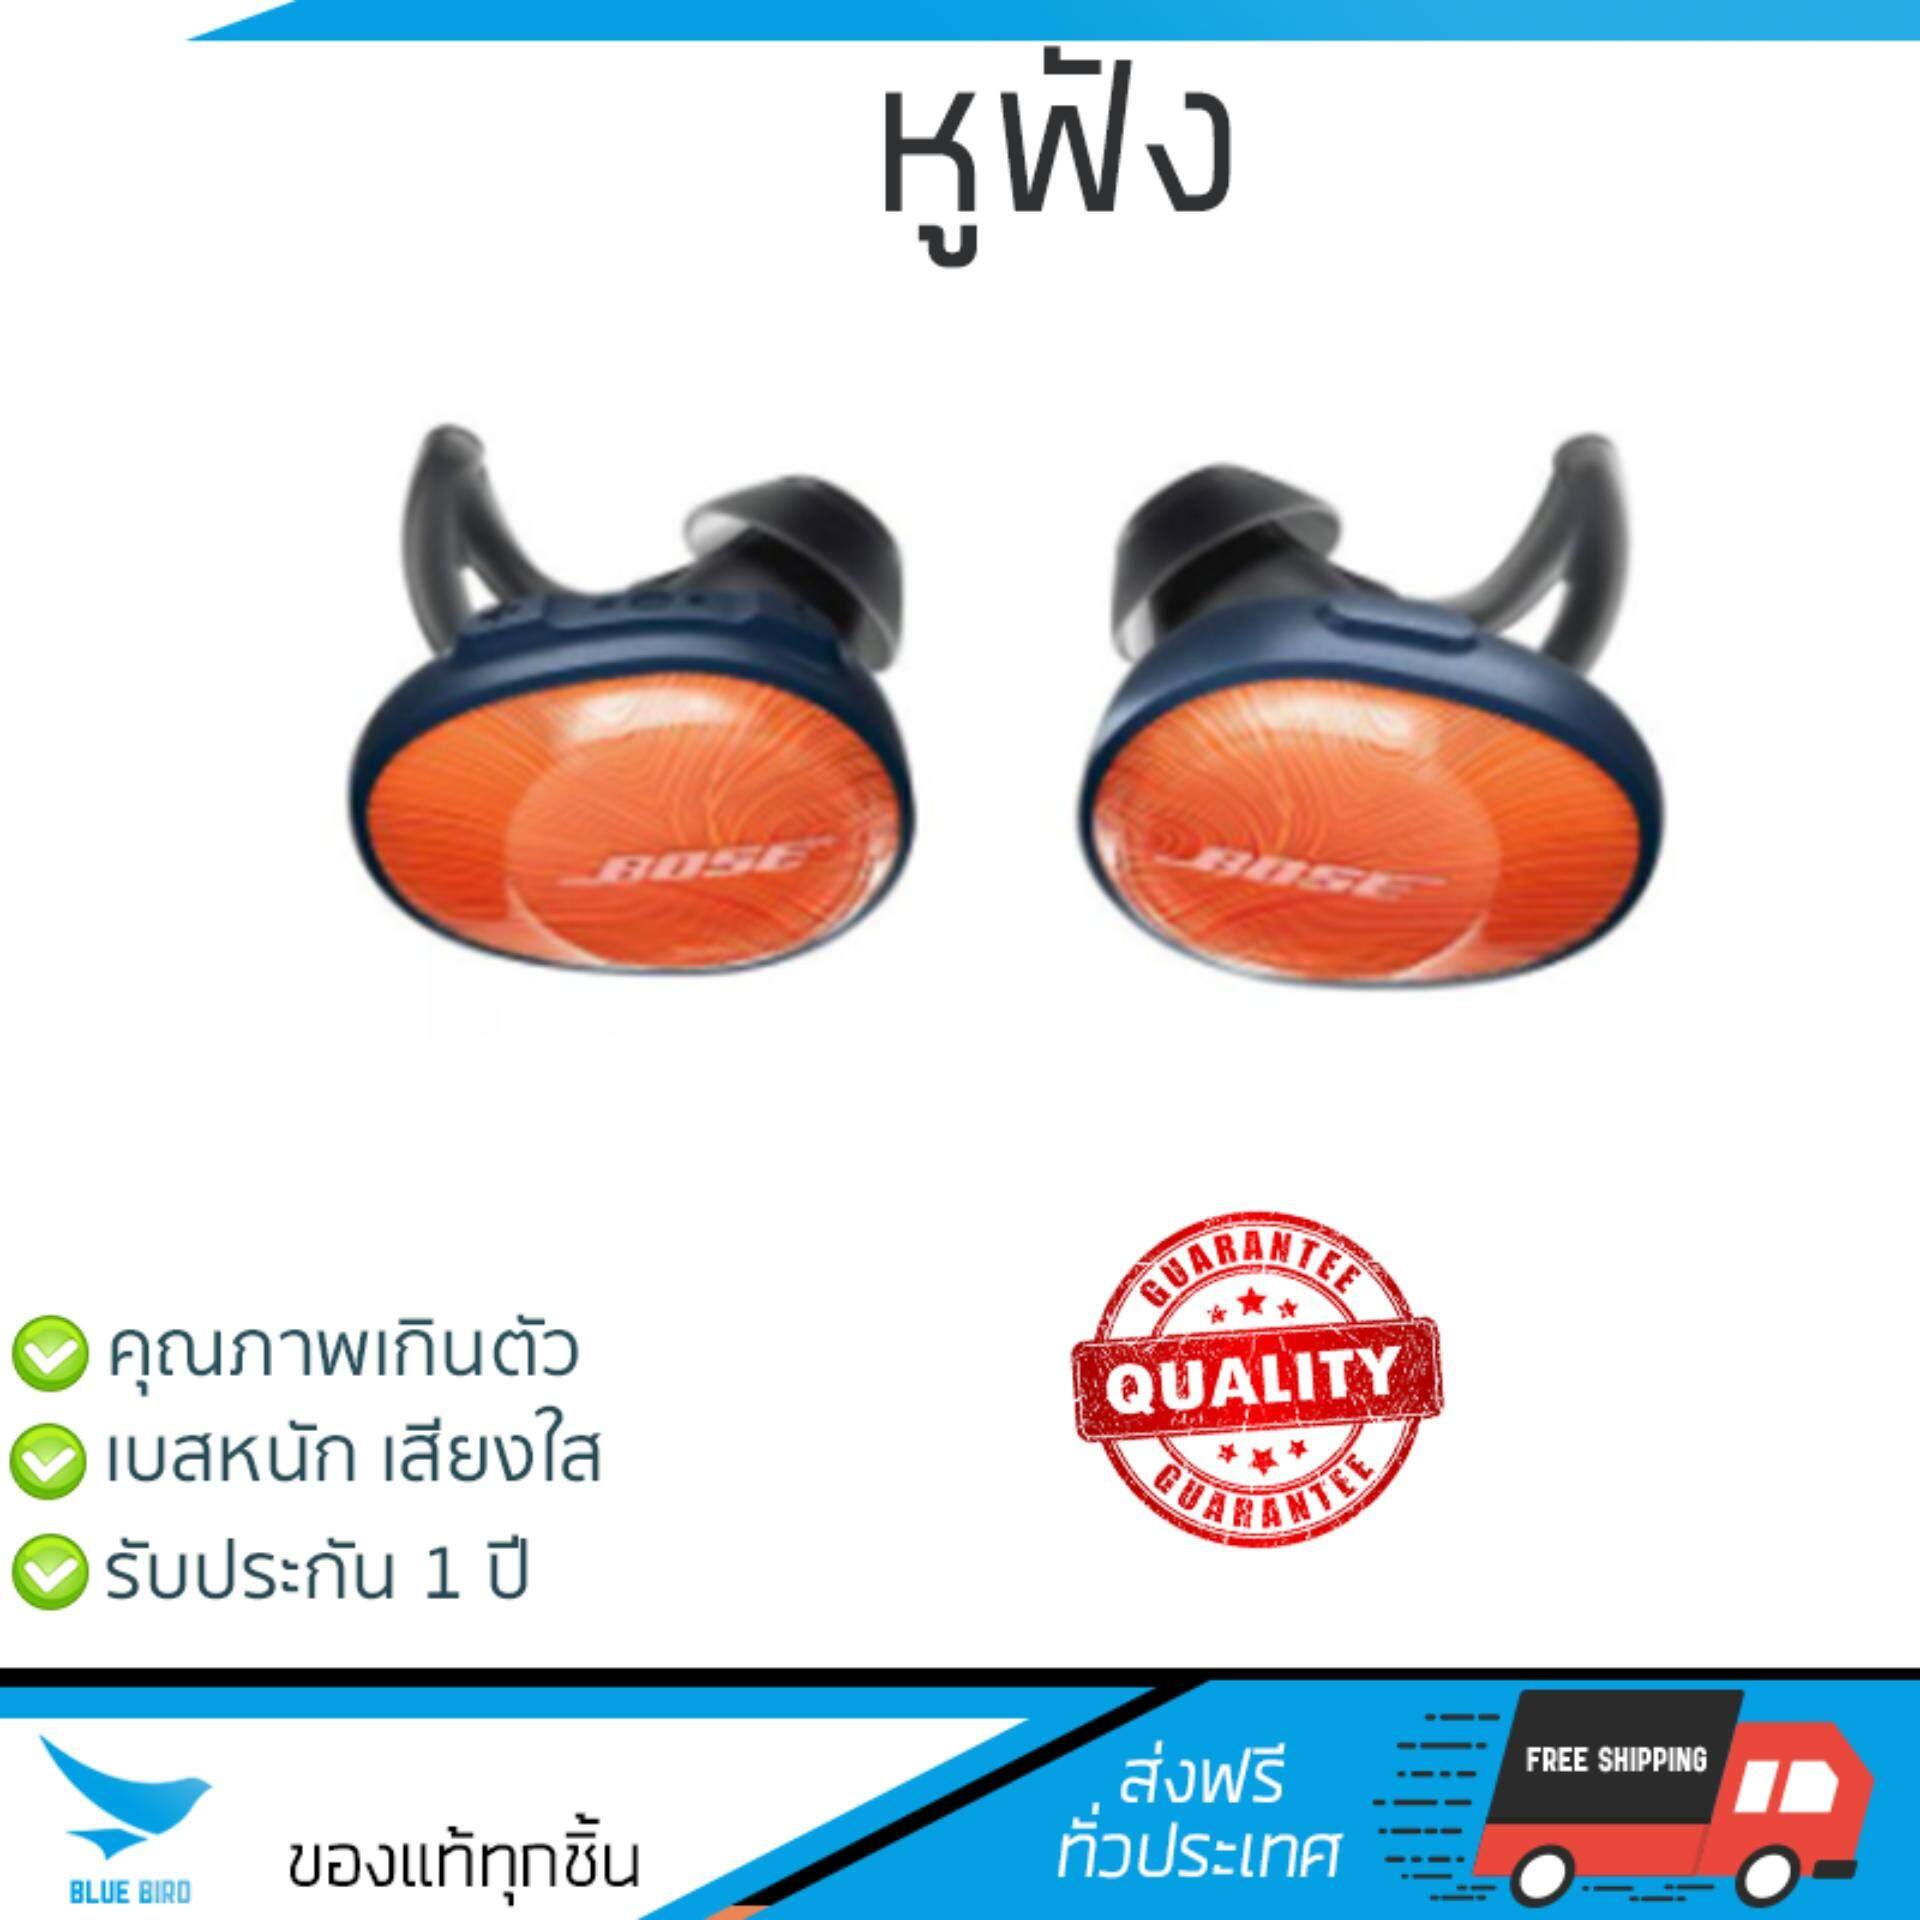 นนทบุรี ของแท้ หูฟัง Bose SoundSport Free Wireless Headphones Orange เบสหนัก เสียงใส คุณภาพเกินตัว Headphone รับประกัน 1 ปี จัดส่งฟรีทั่วประเทศ